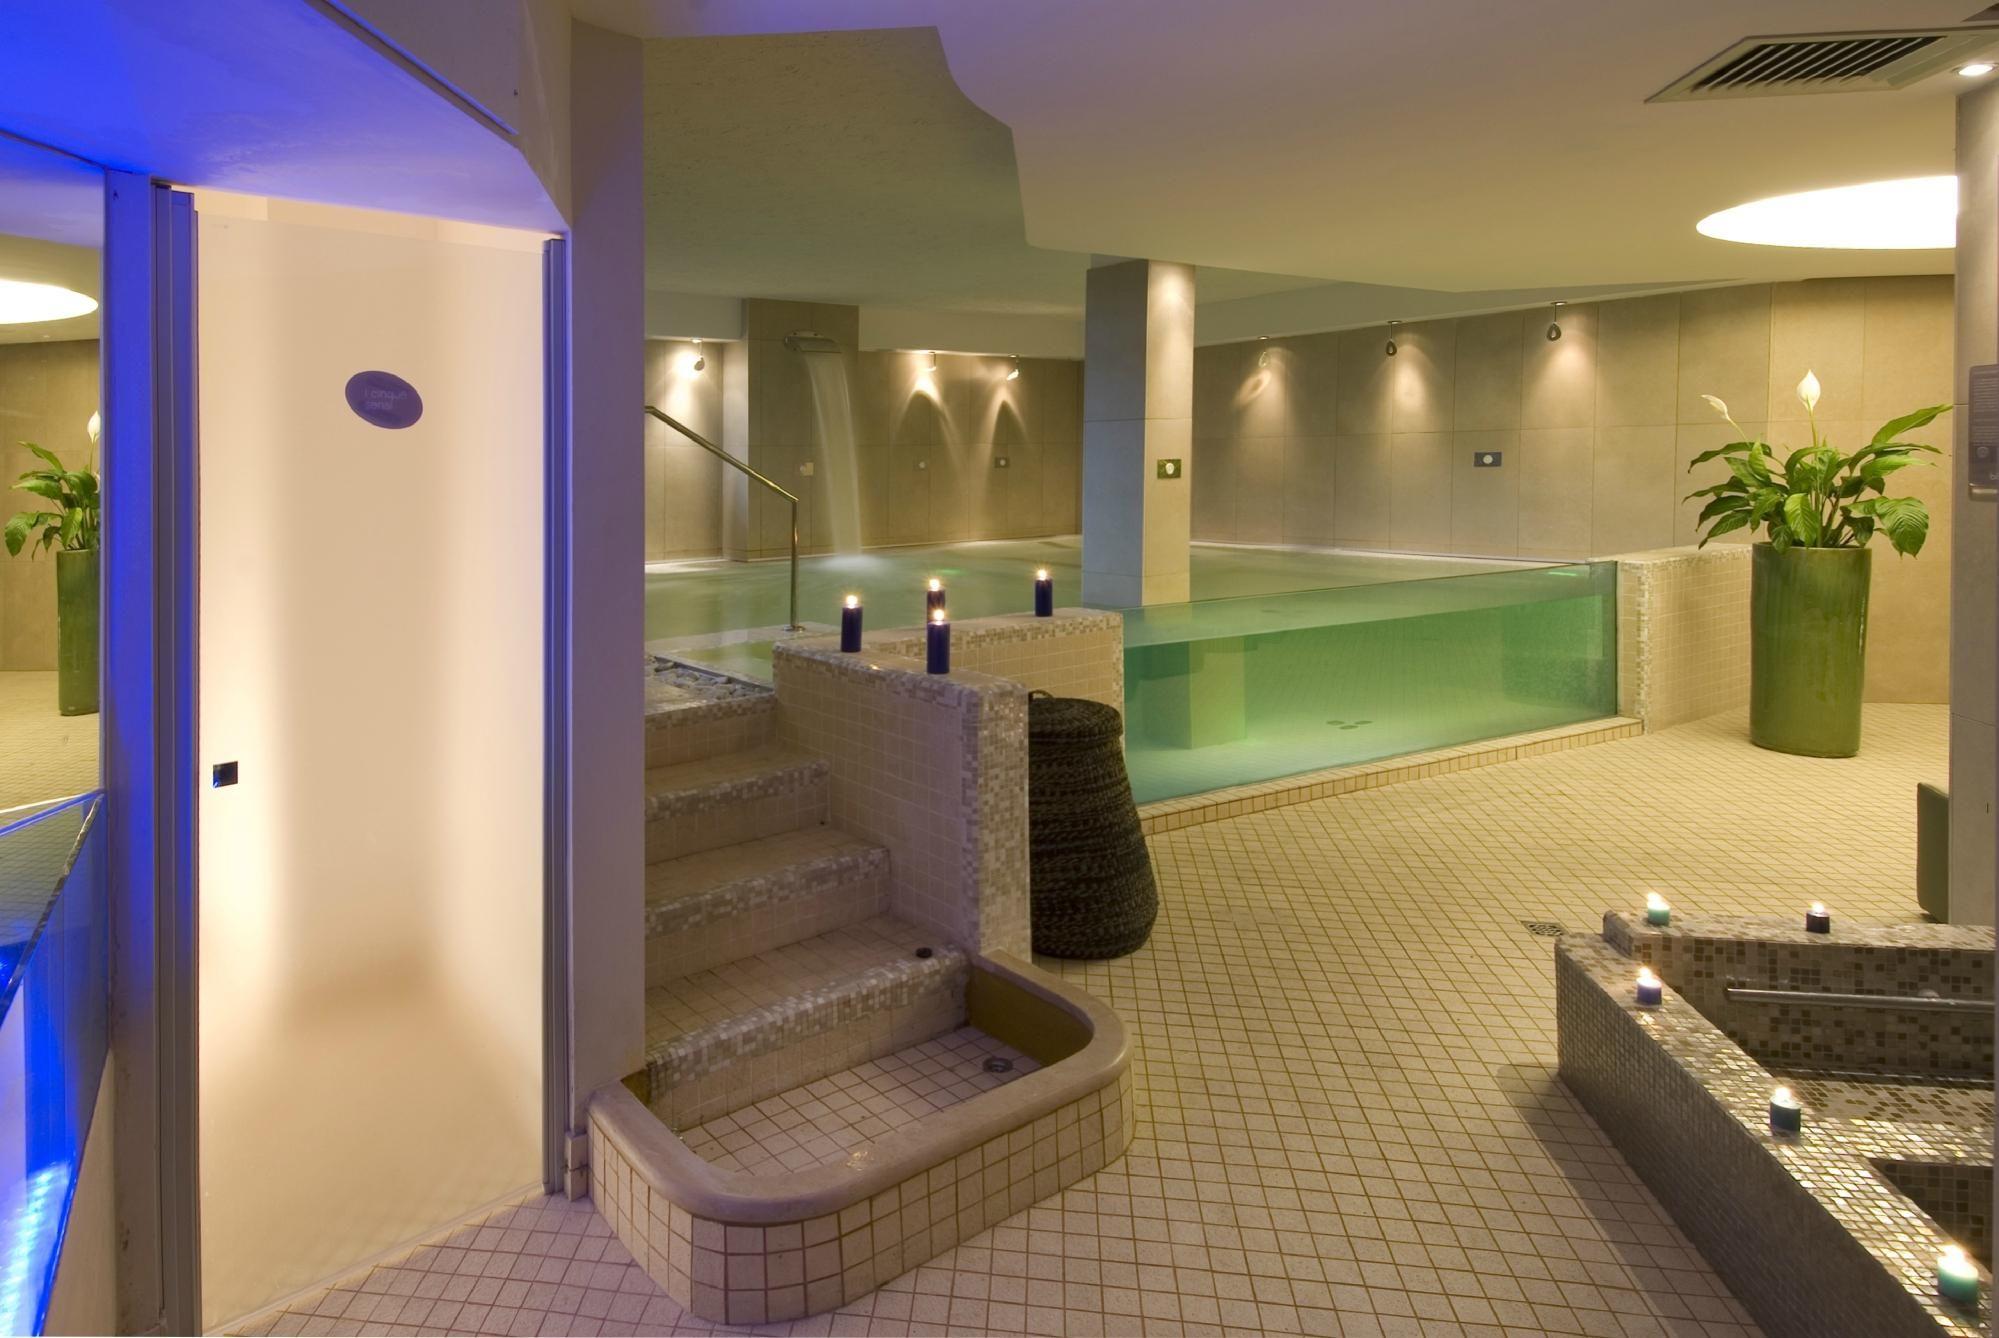 Blu Suite Hotel Spa (BellariaIgea Marina, Italy) Top